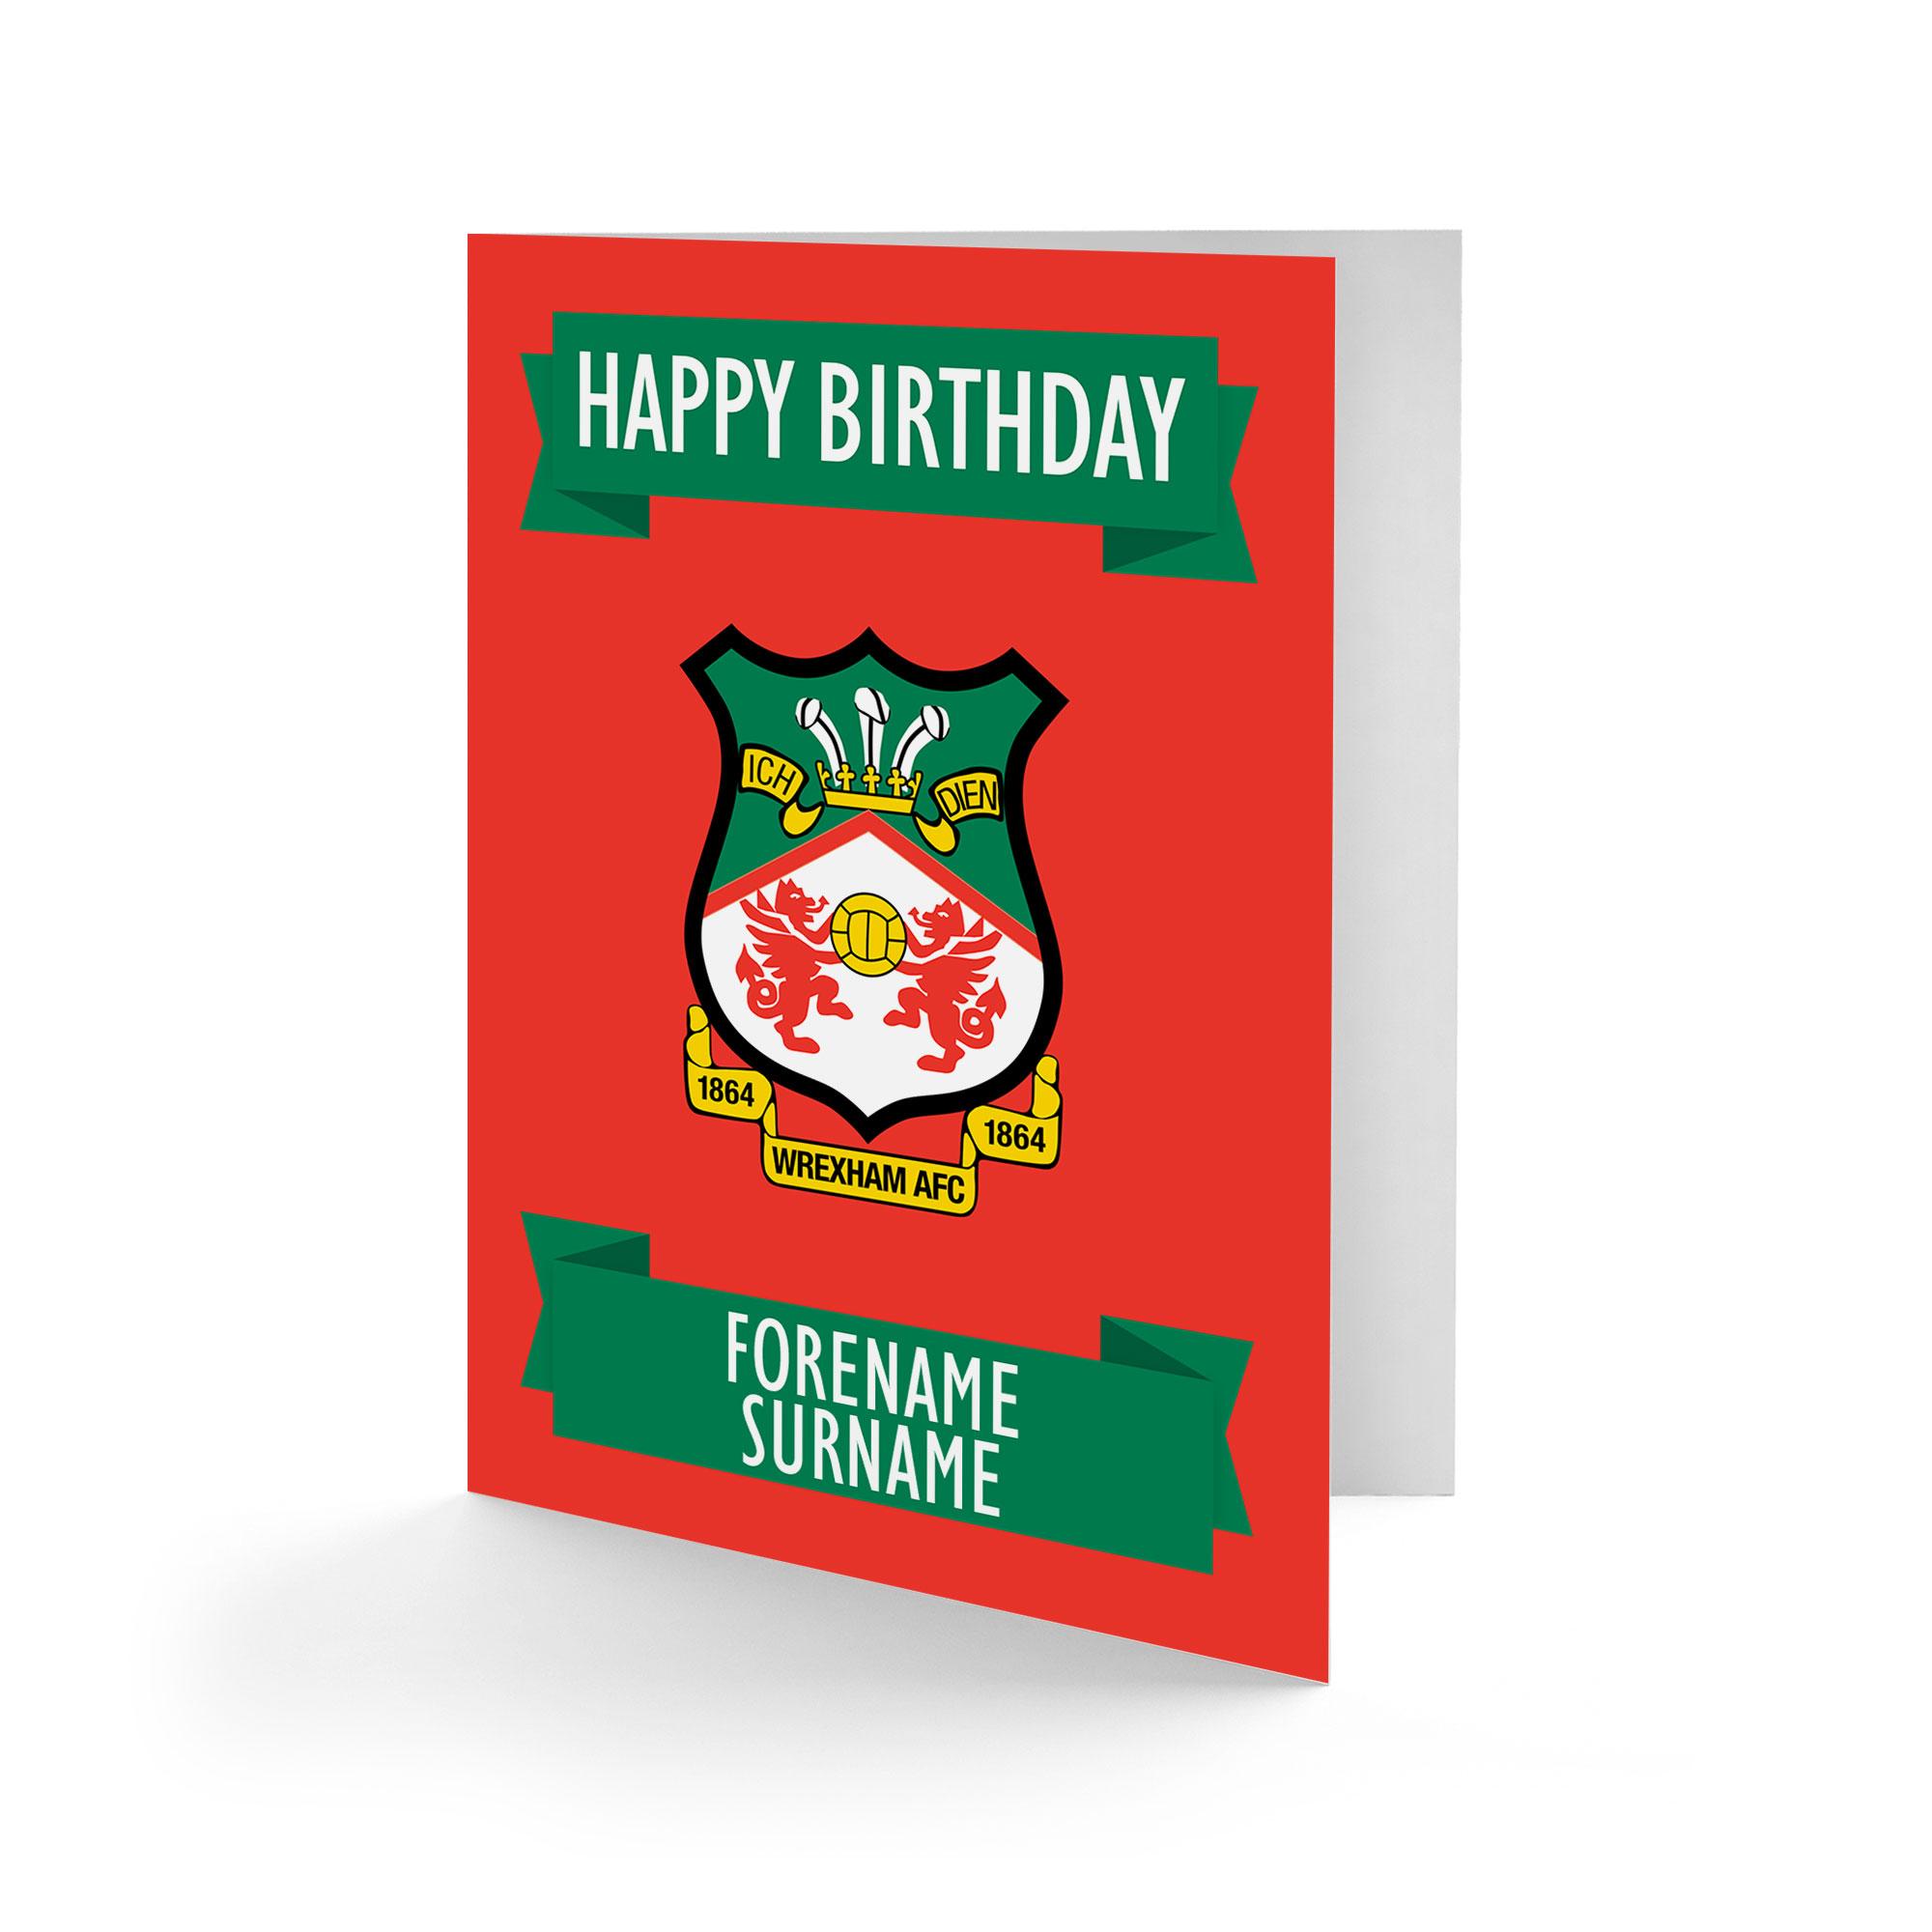 Wrexham AFC Crest Birthday Card